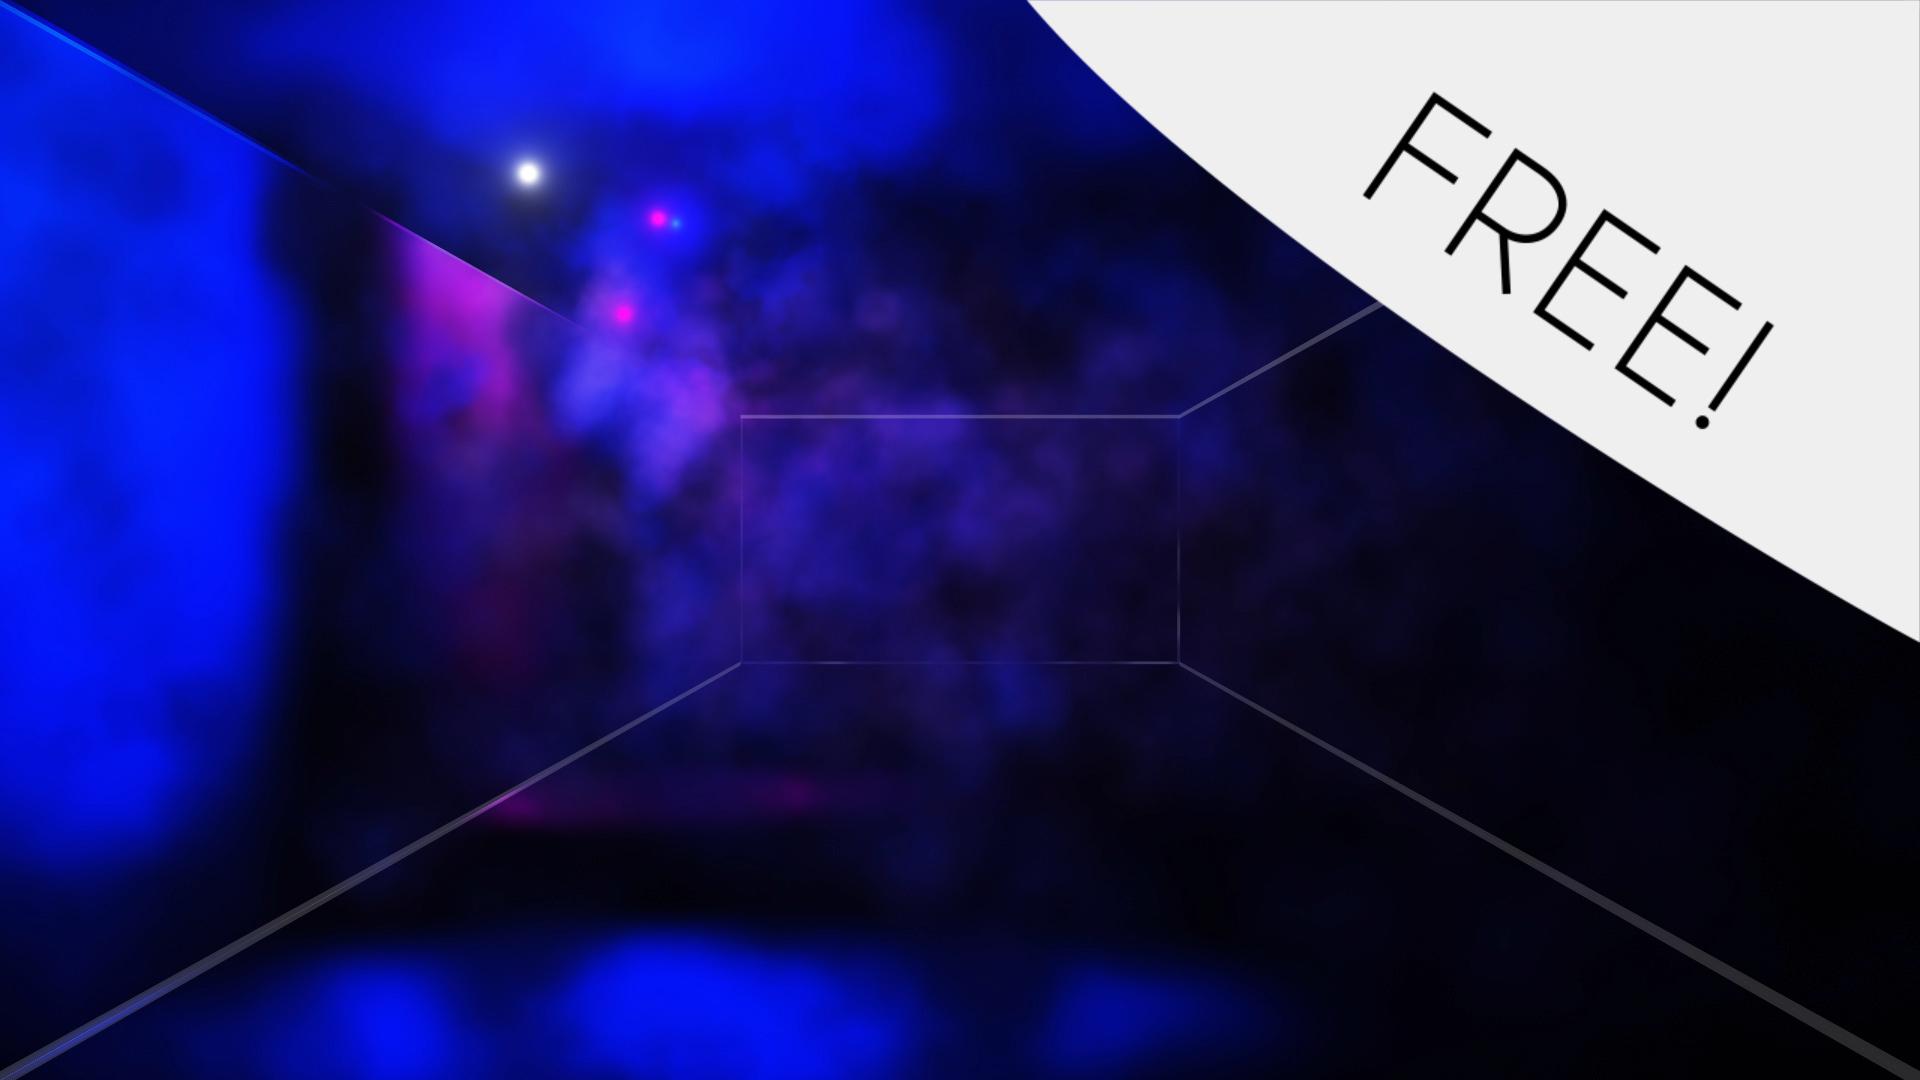 Smoke Room – Free VJ Loop